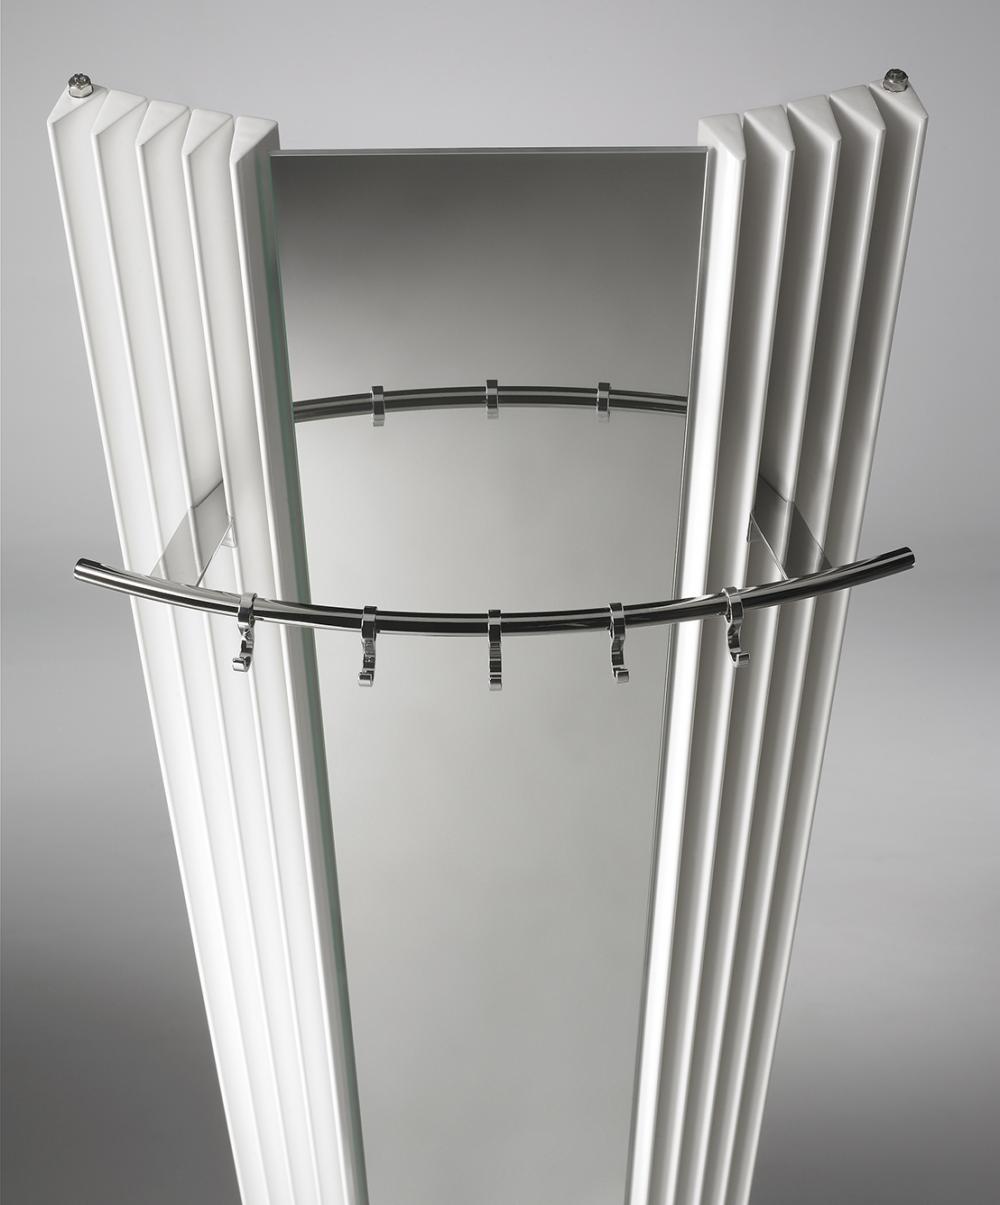 Calorifer cu oglinda Jaga Iguana Visio 2000x733 mm, 1352 W